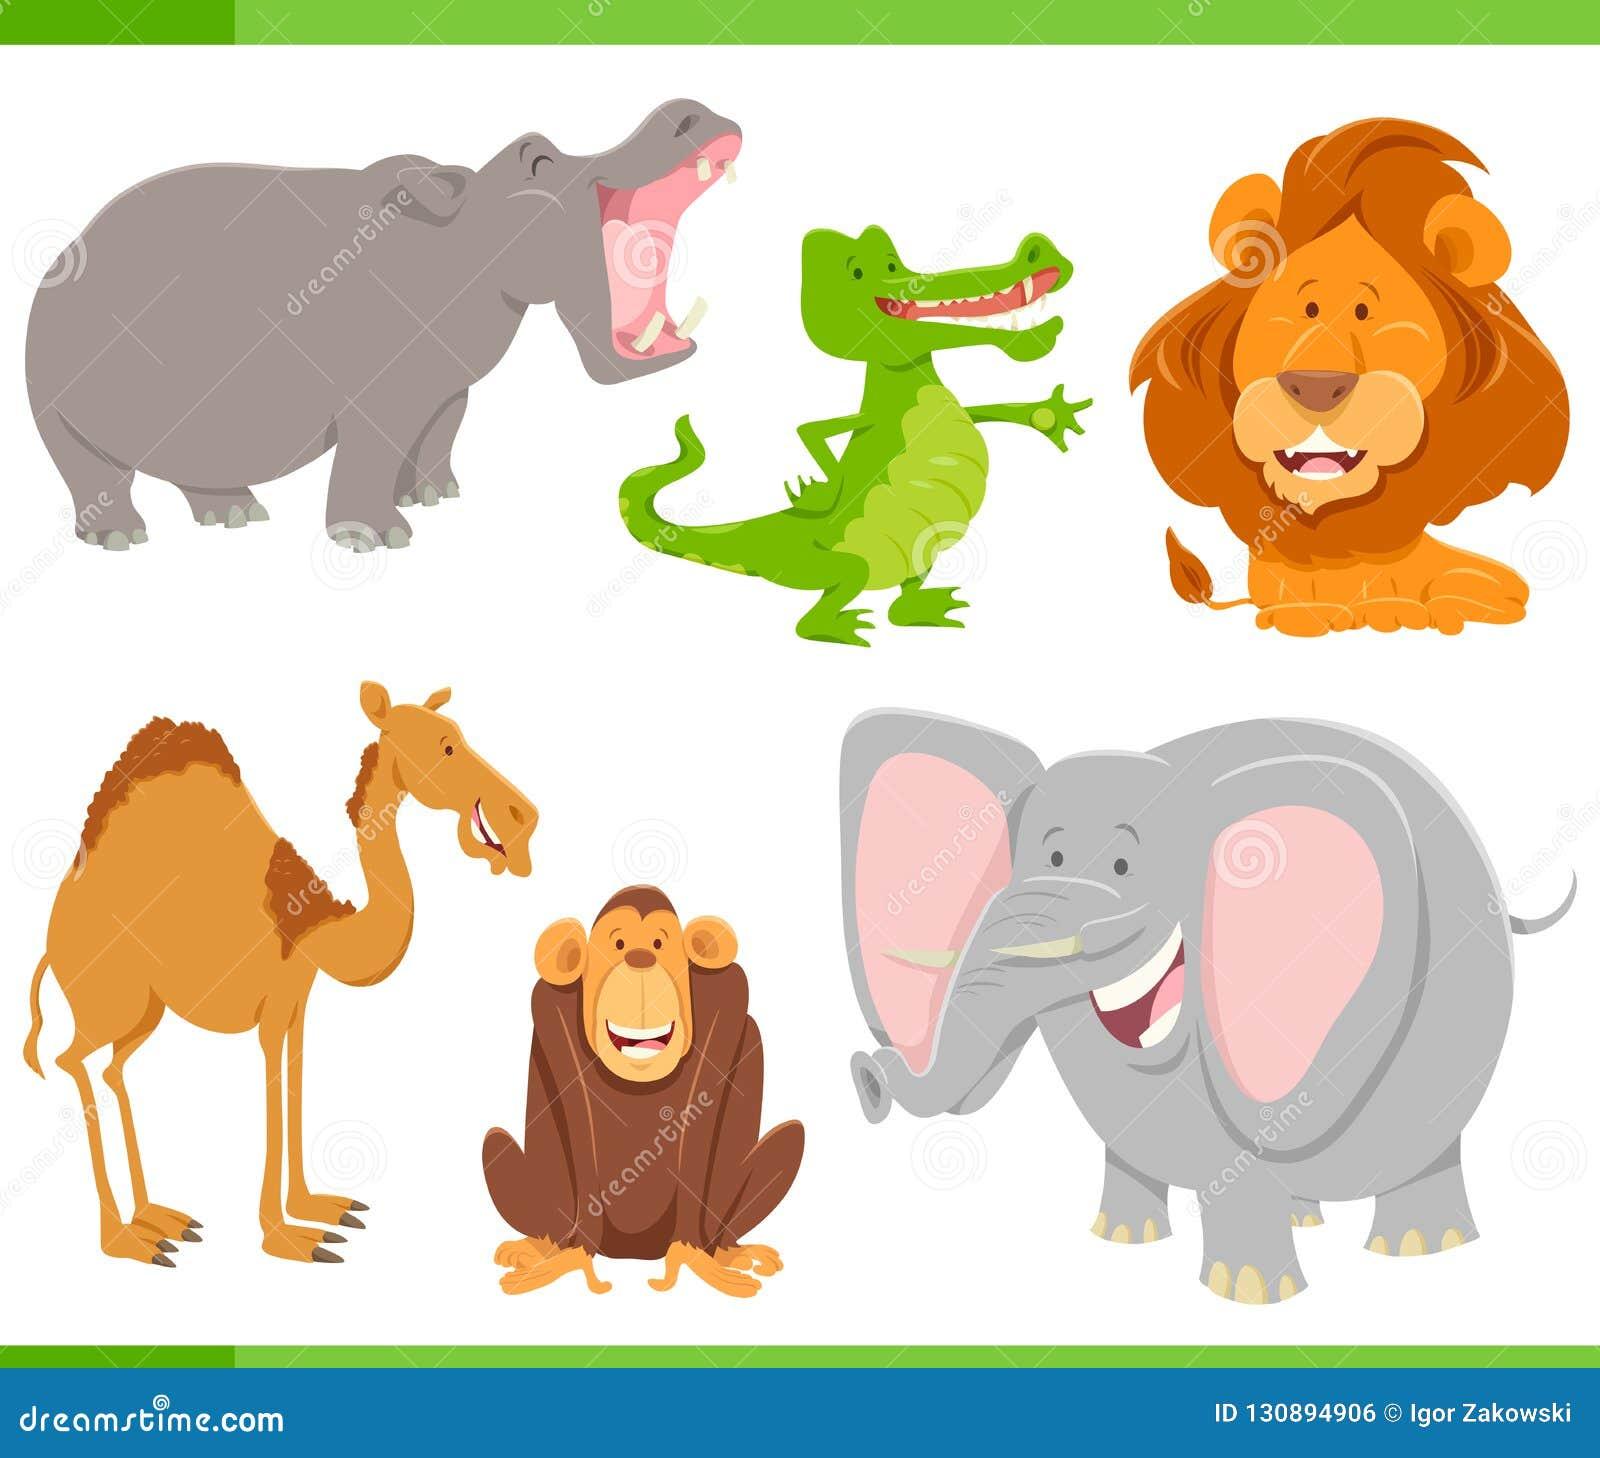 Colección De Los Personajes De Dibujos Animados De Los Animales ...